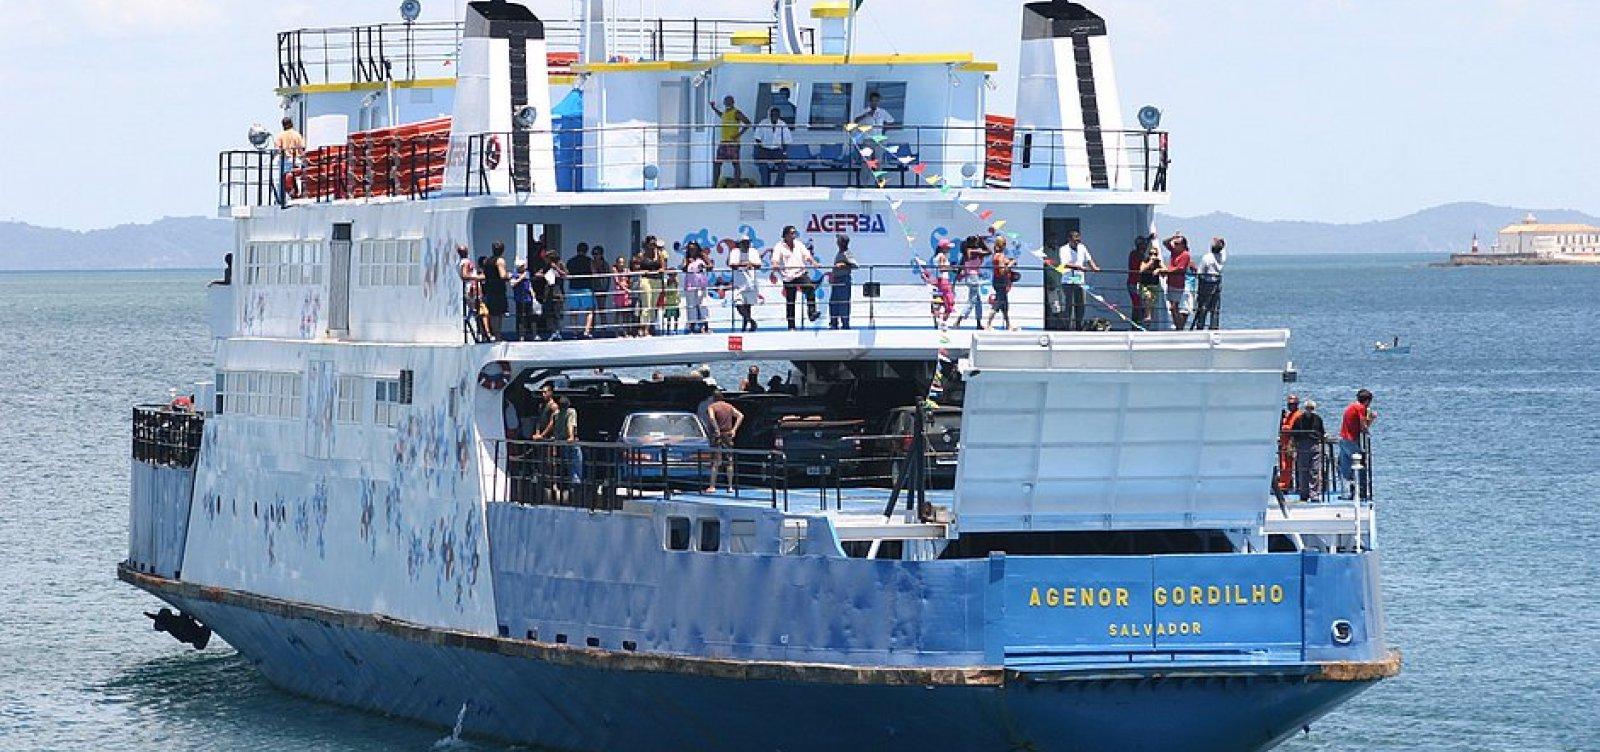 [Ferry boat será afundado no mar do Corredor da Vitória, anuncia secretário]